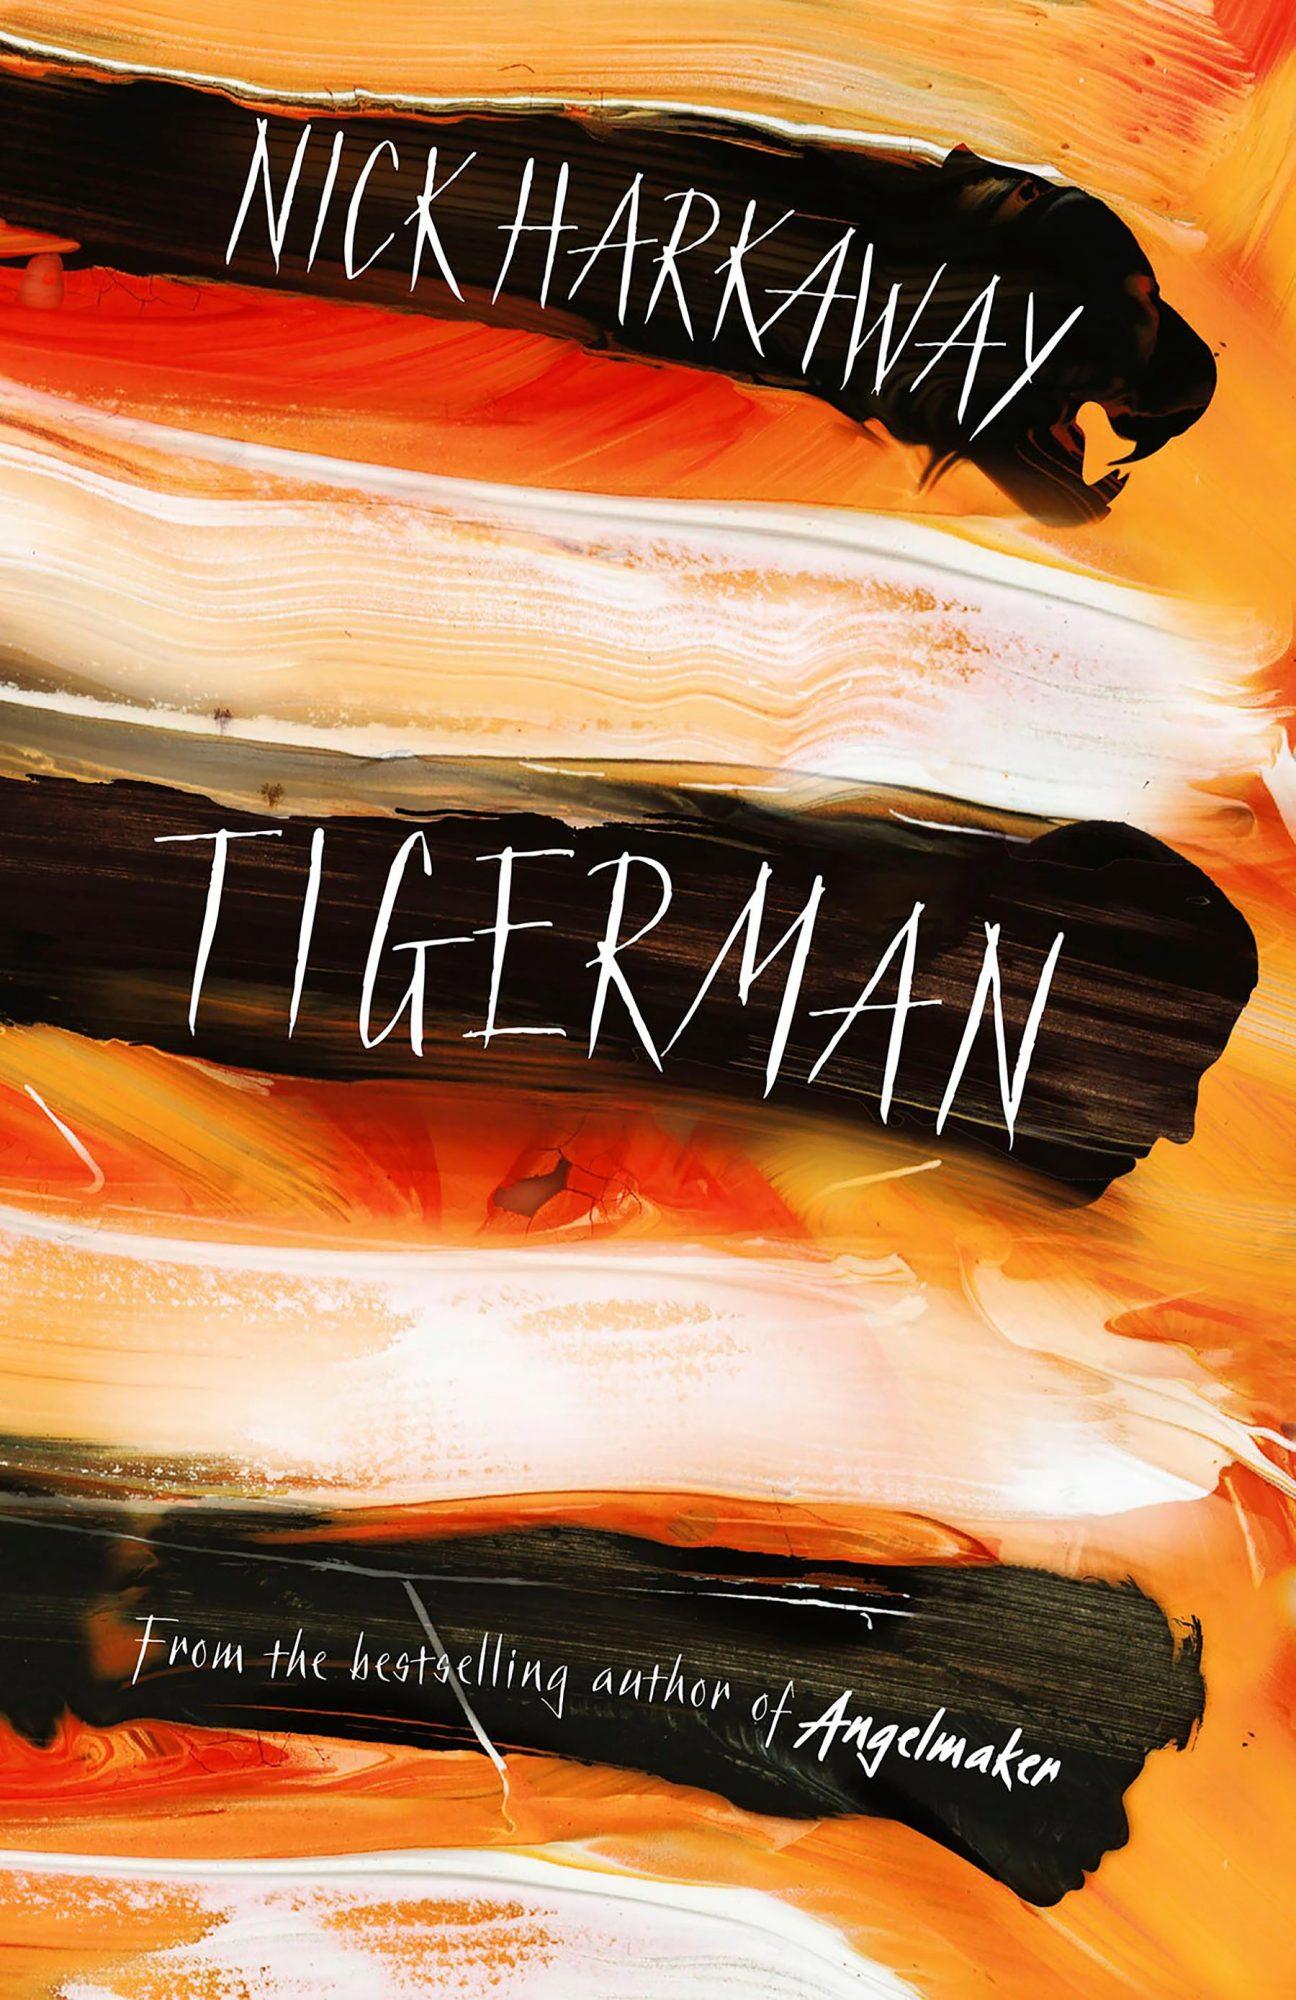 Tigerman by Nick HarkawayCR: Knopf